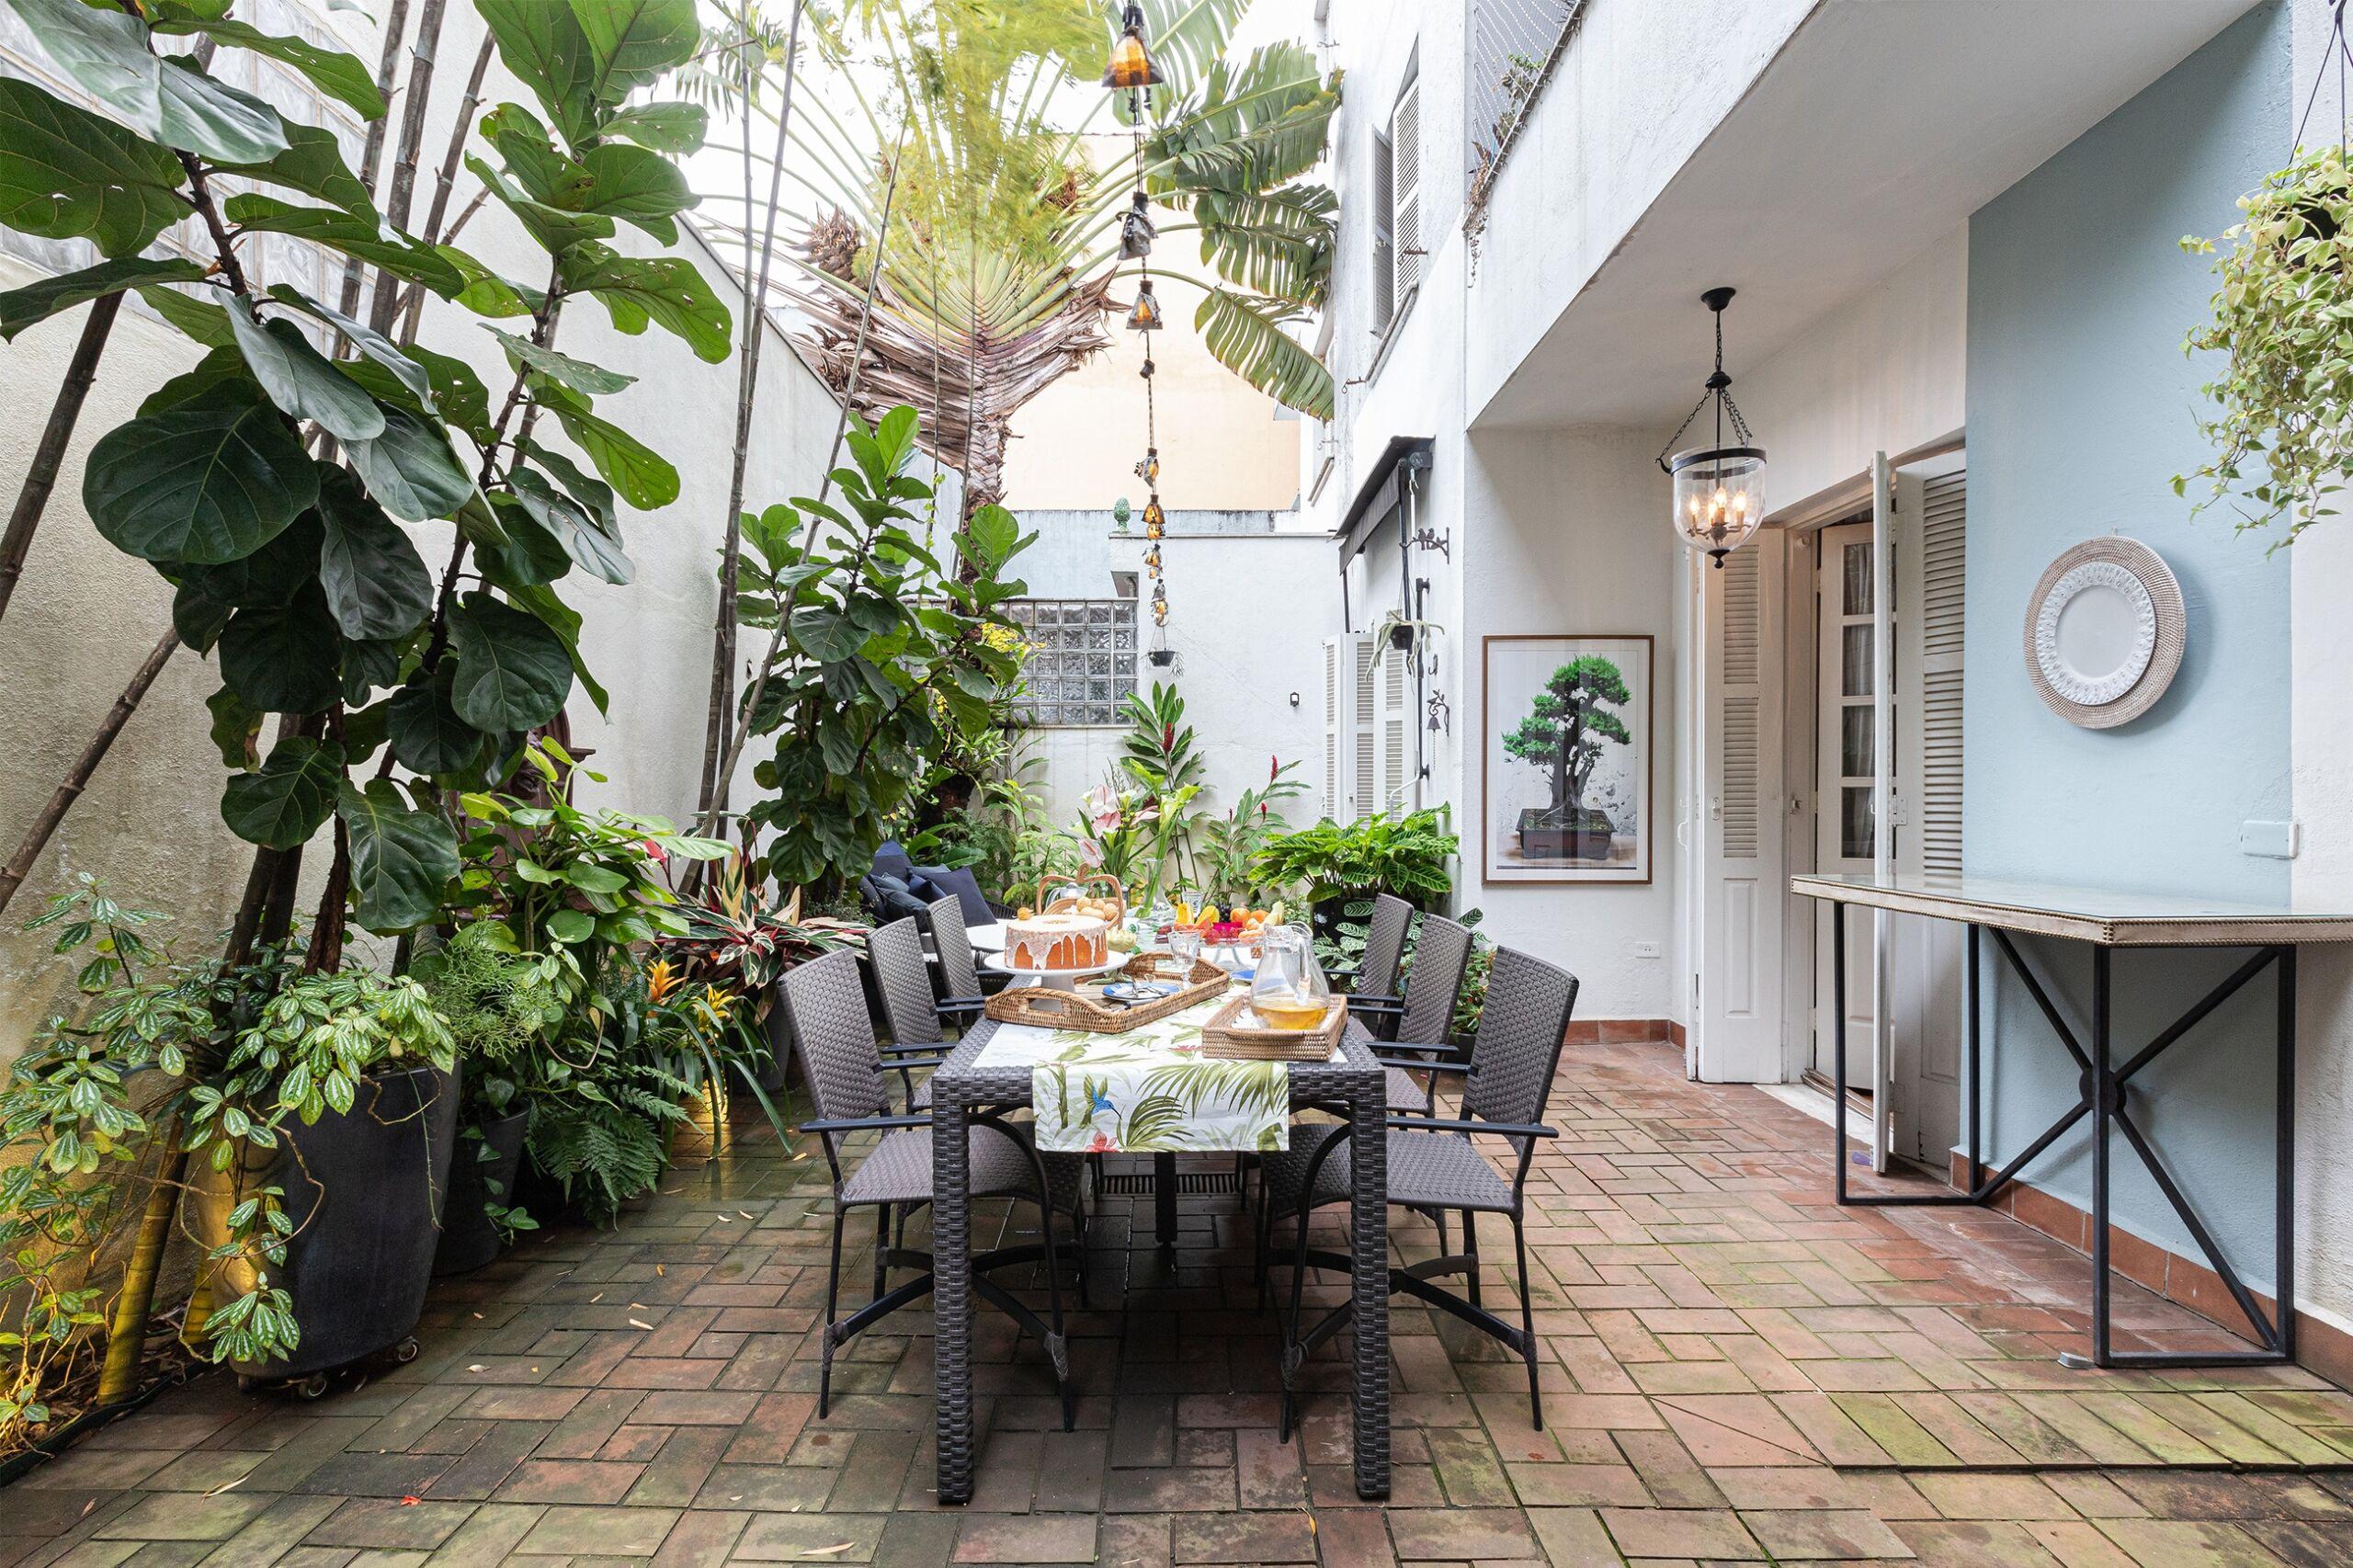 decoração jardim parede azul mesa jantar